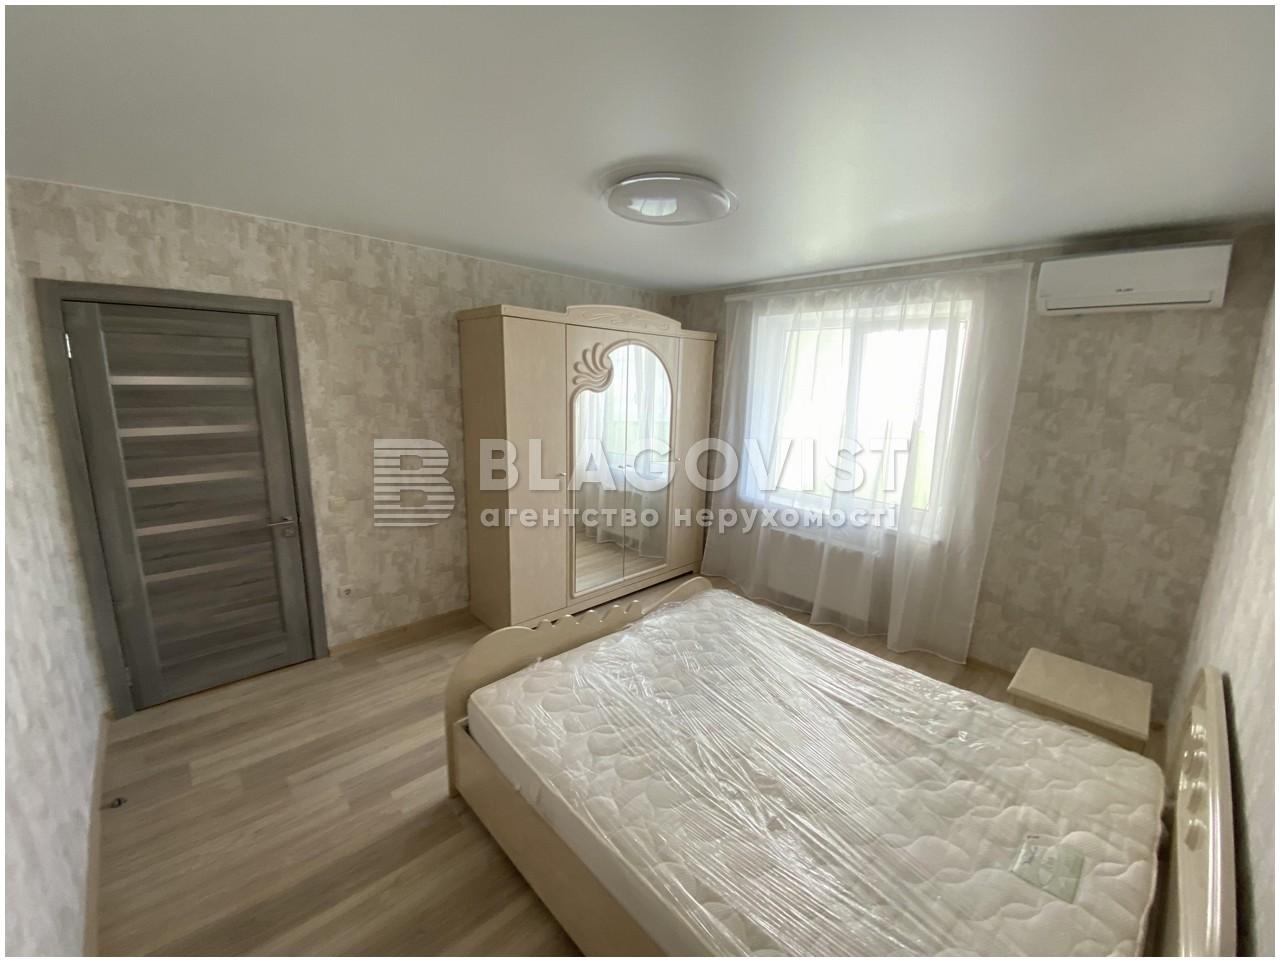 Квартира R-34951, Пригородная, 26б, Новоселки (Киево-Святошинский) - Фото 4